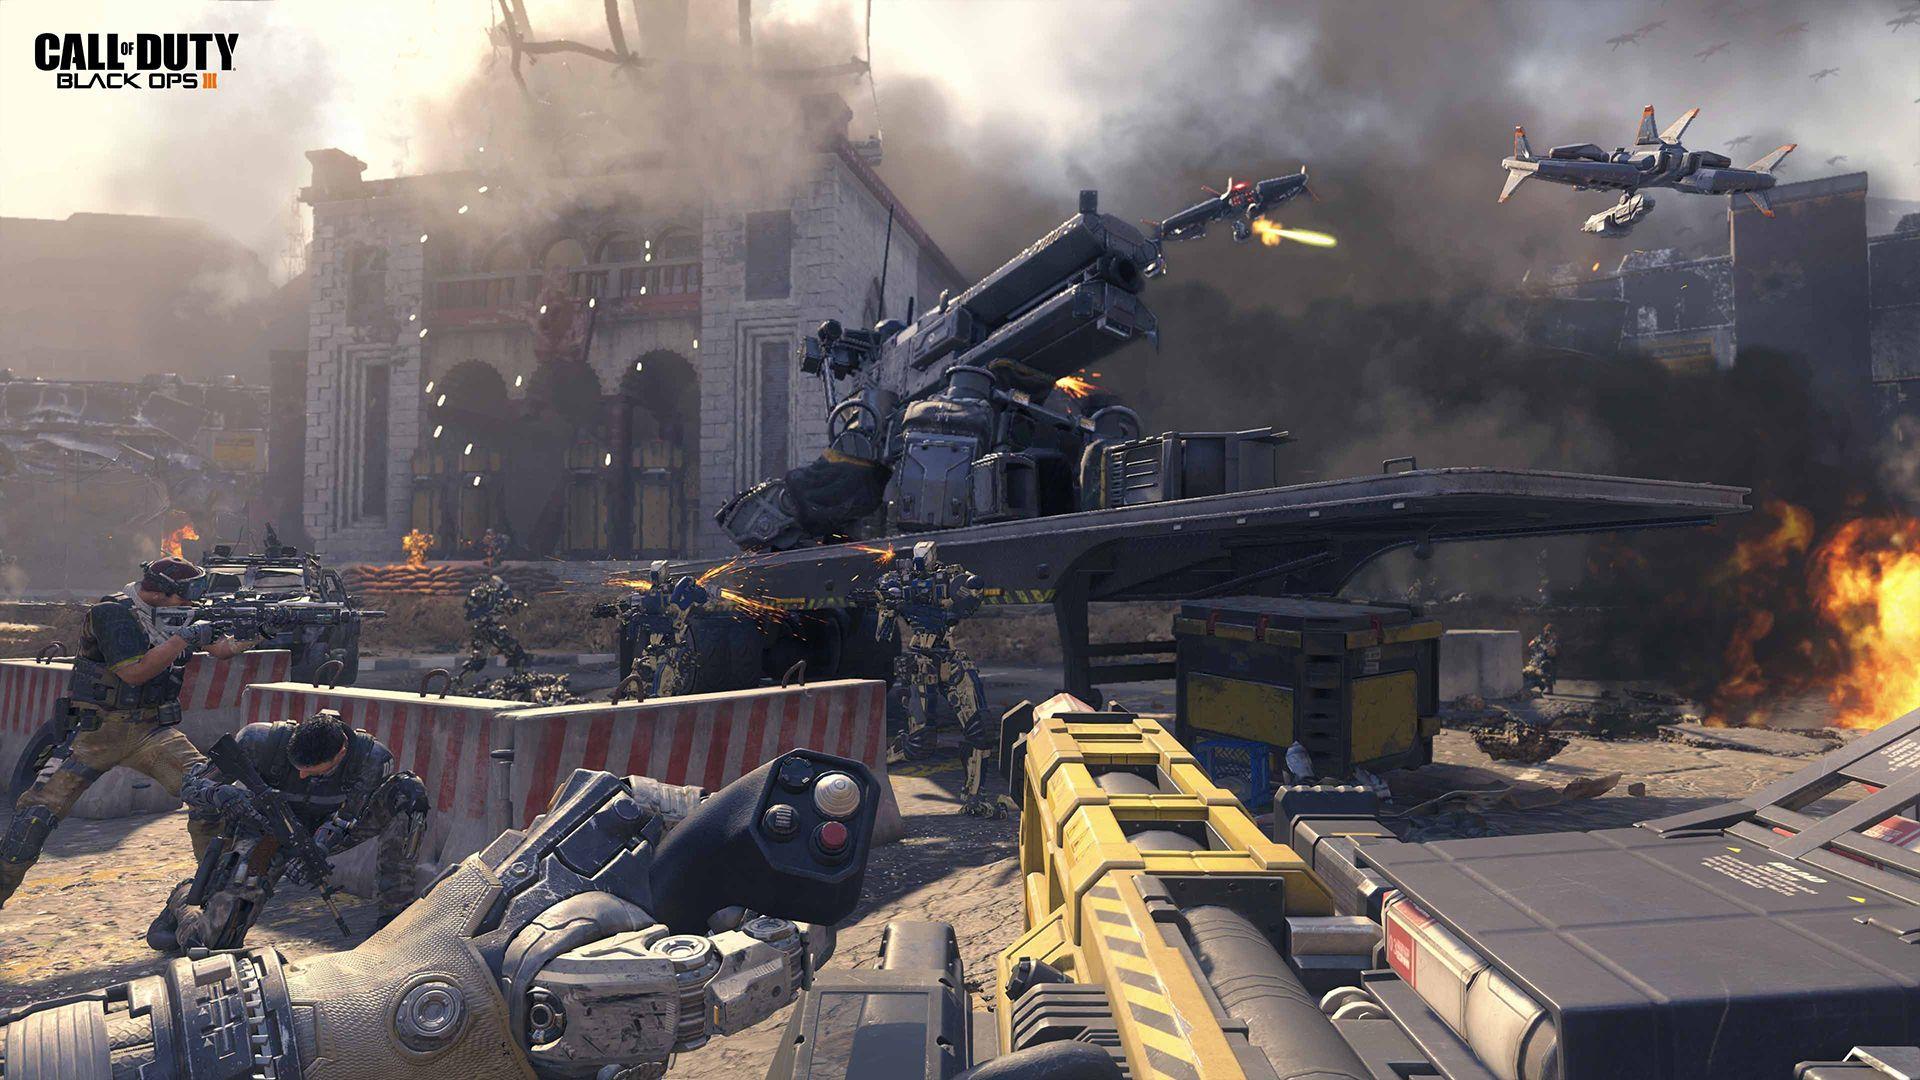 Call of Duty: Black Ops III (Xbox One) - 10